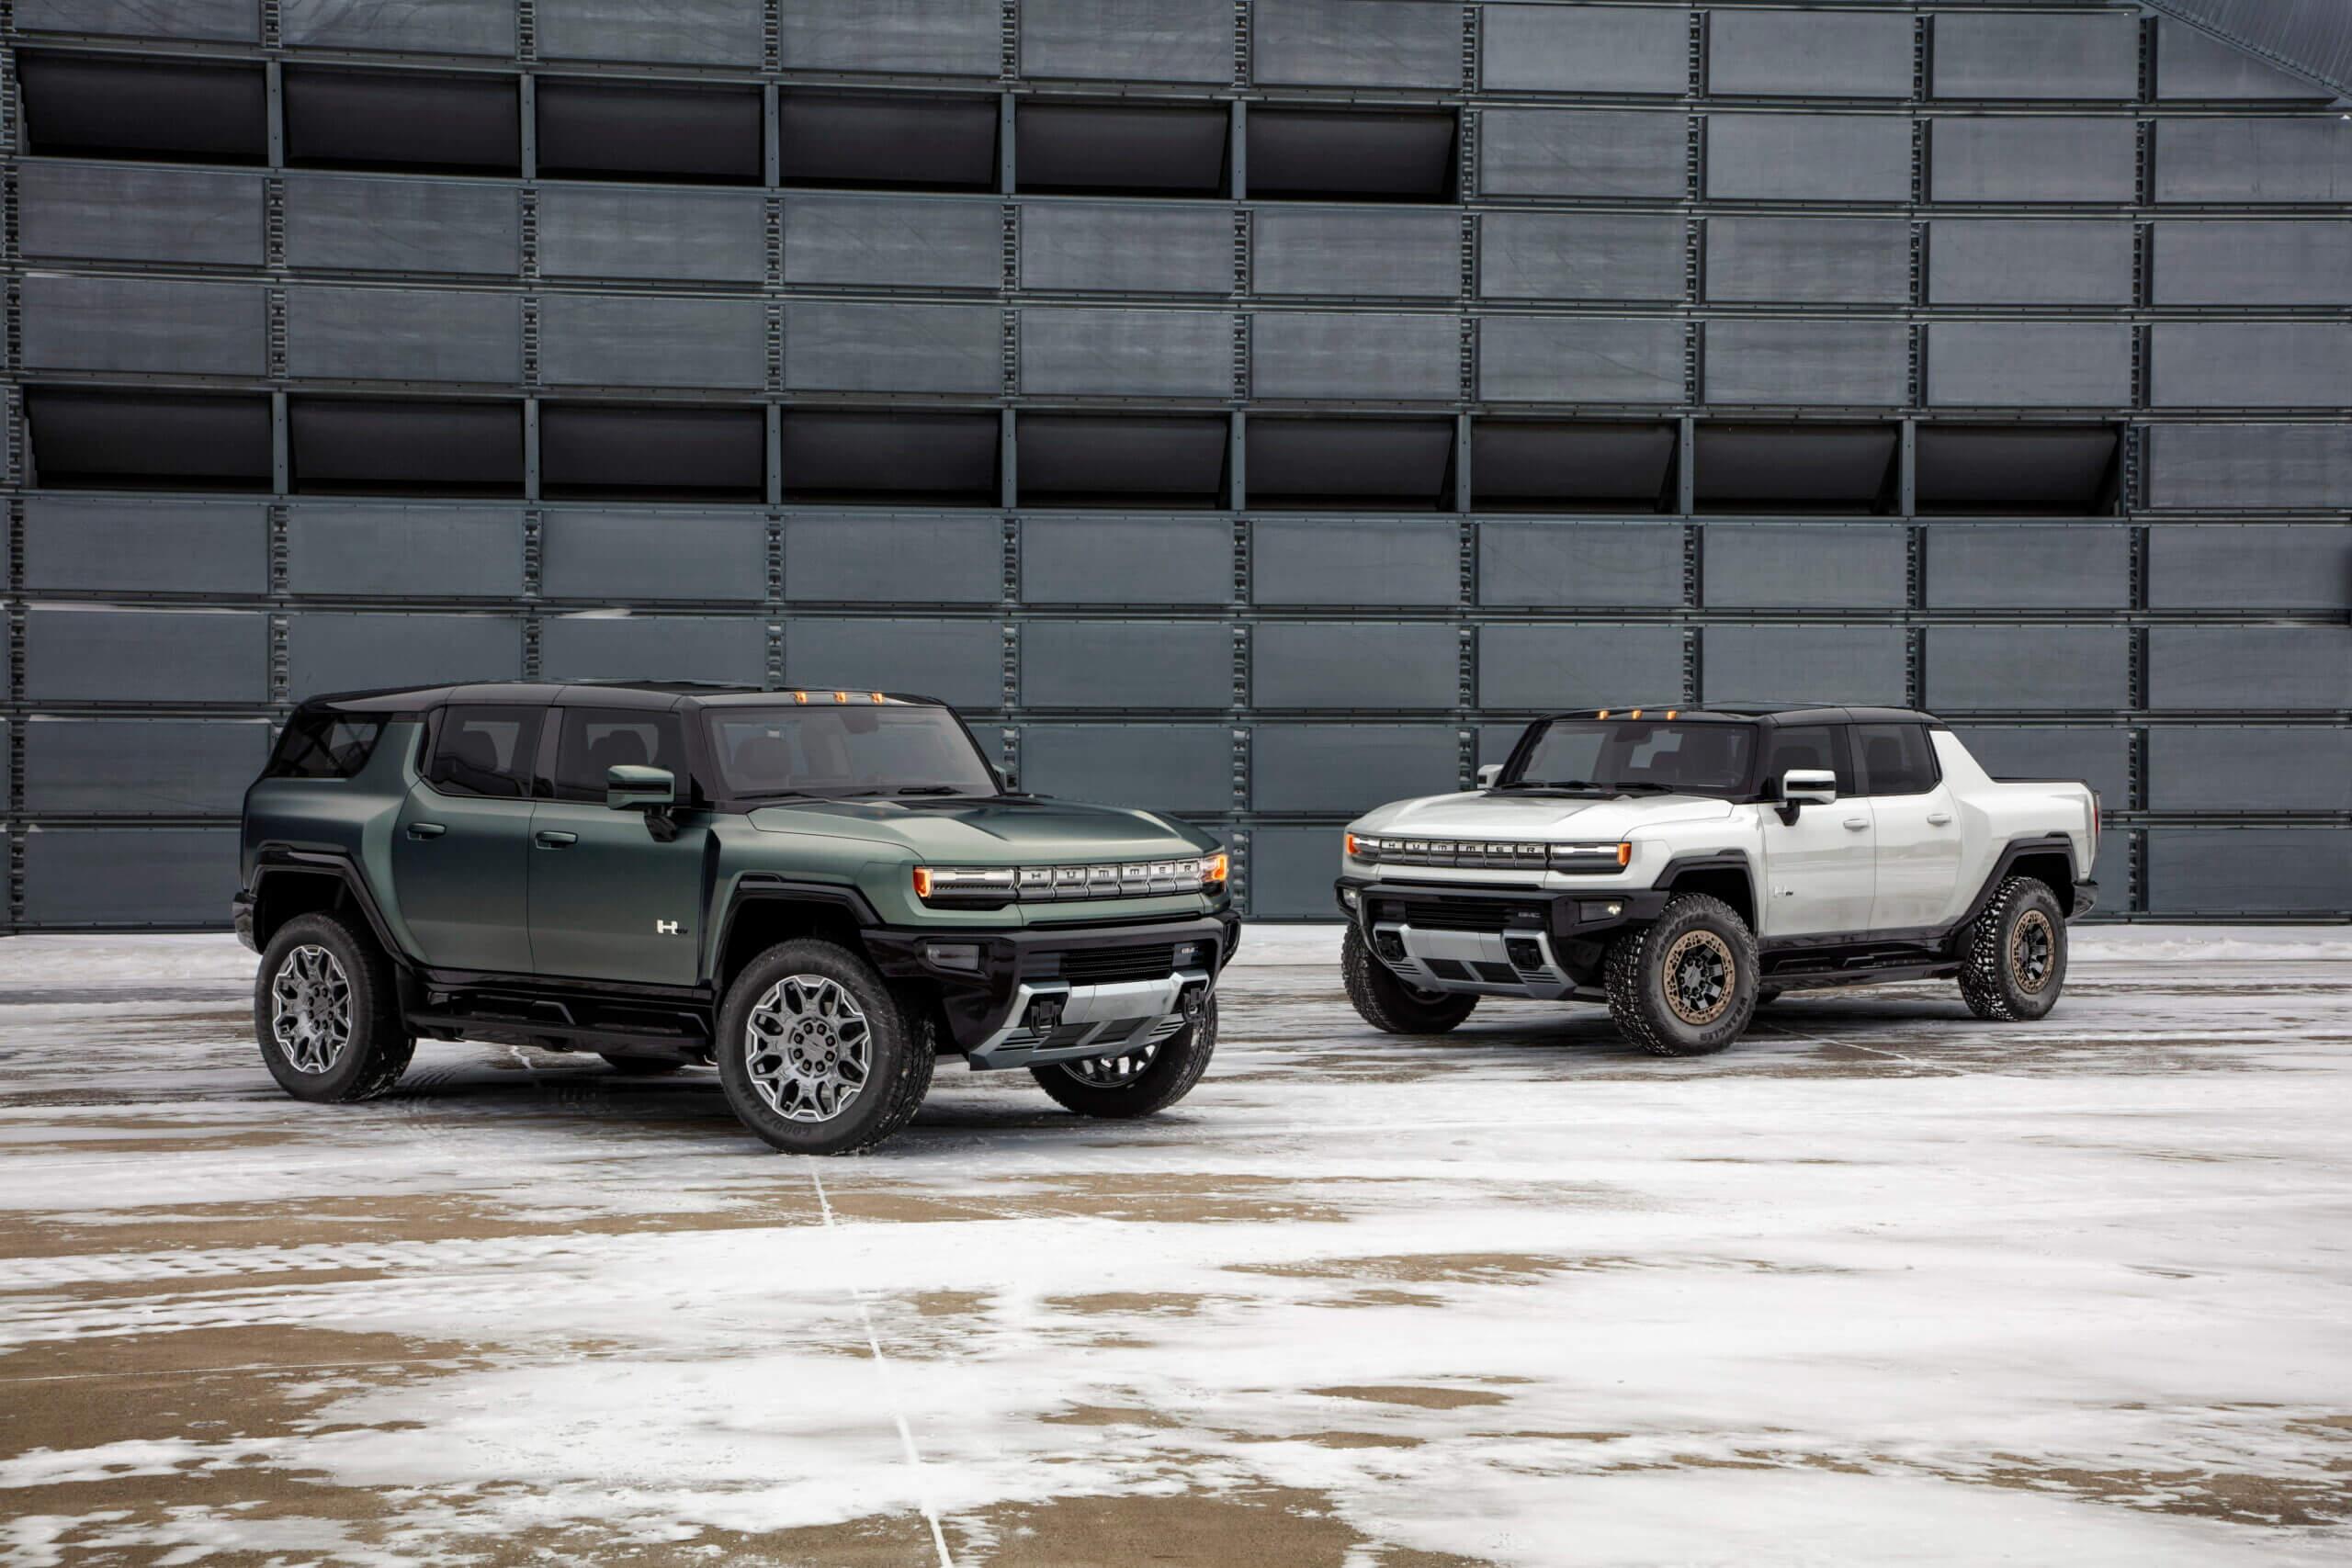 Электрический внедорожник Hummer выйдет в начале 2023 года - Tesla Motors Club